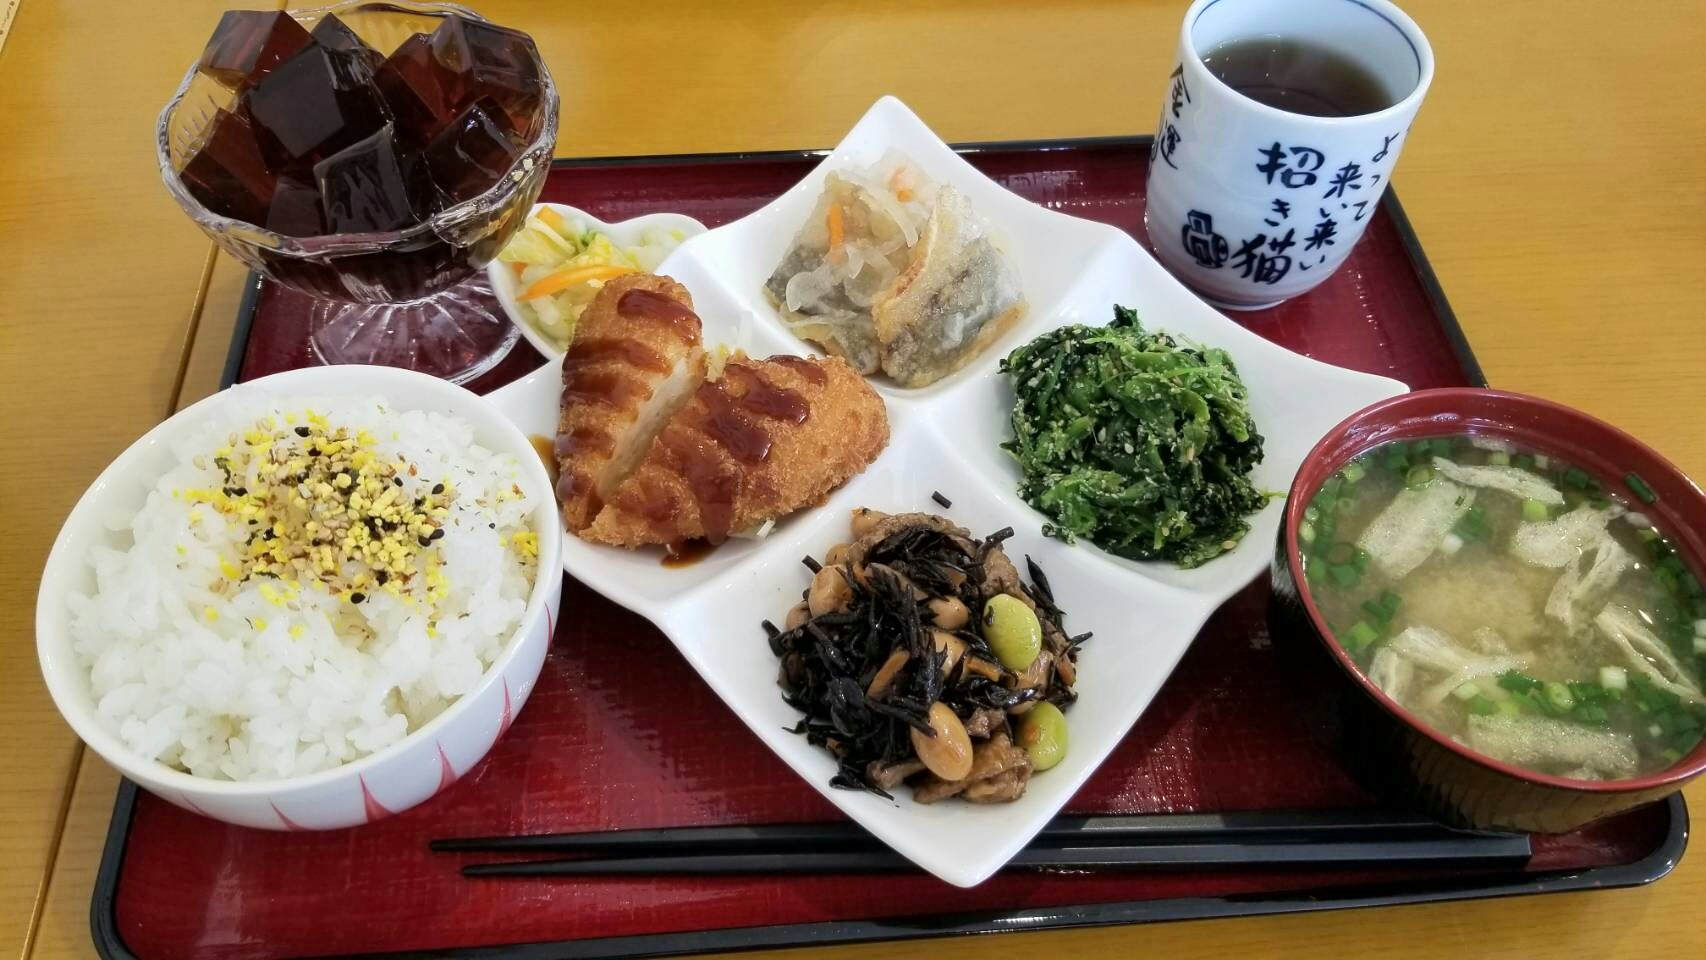 ランチパスポート愛媛県松山市おいしいグルメ喫茶こころ人気おすすめ